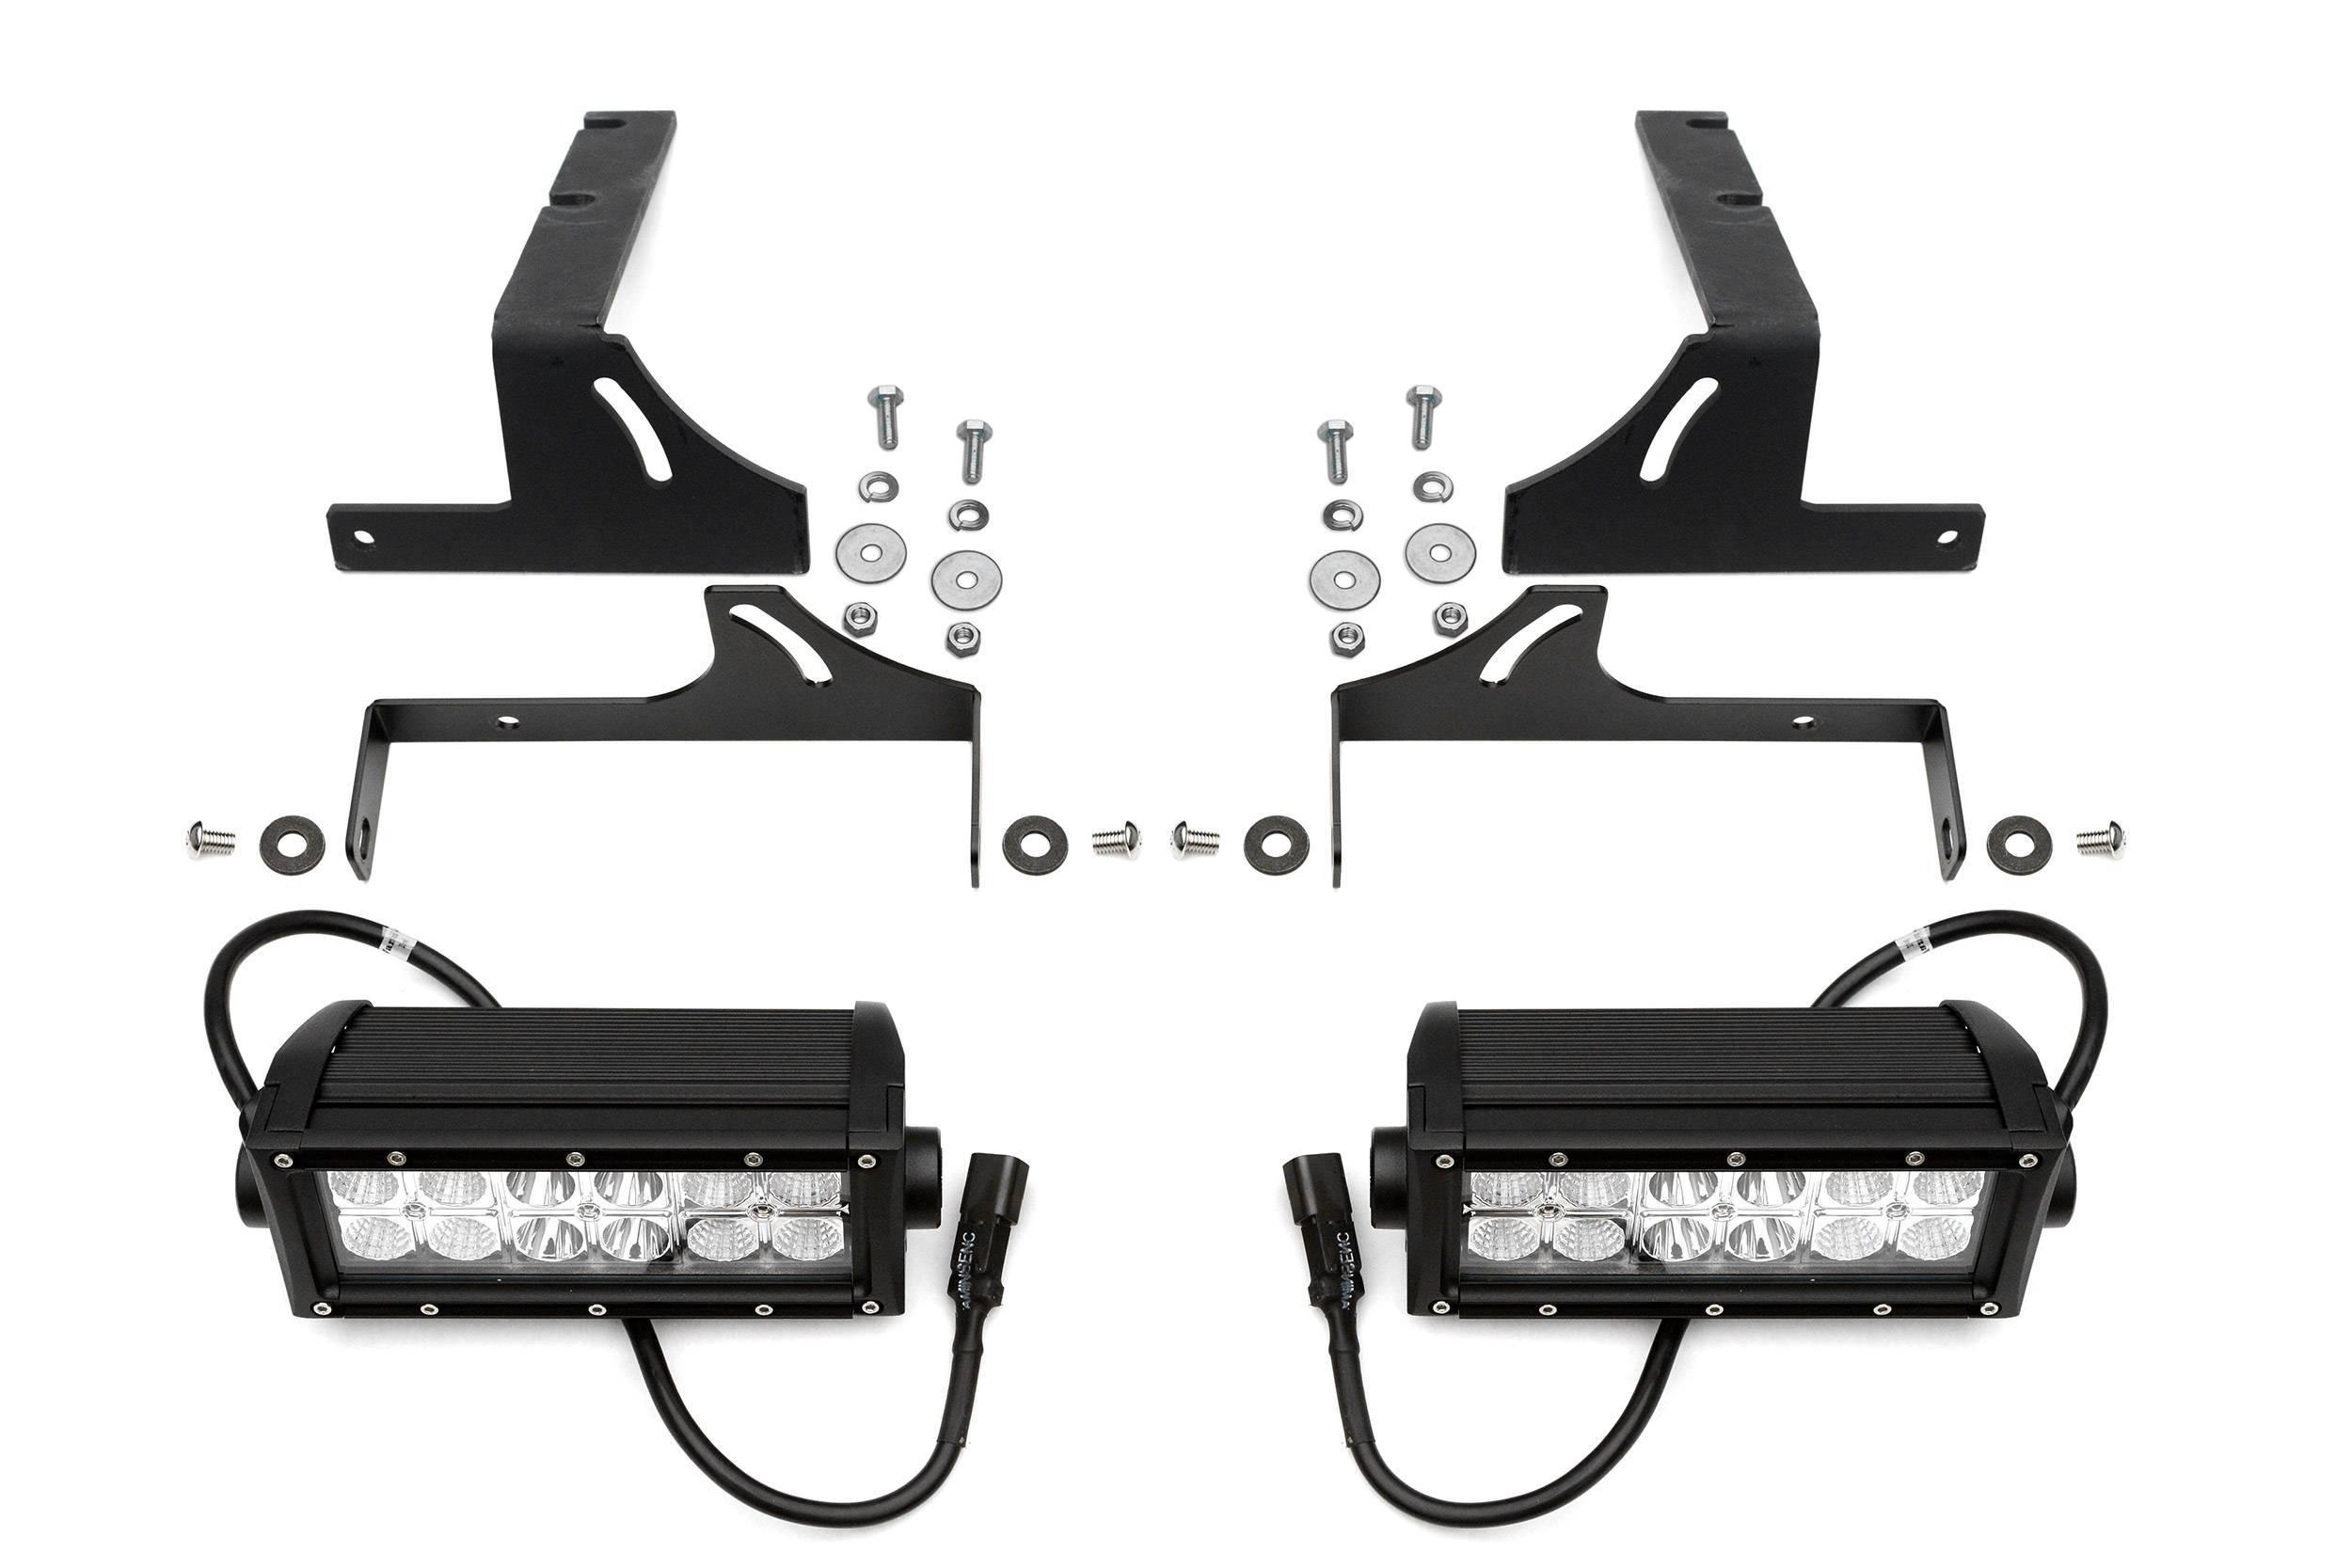 ZROADZ - 2015-2019 Silverado, Sierra HD Rear Bumper LED Bracket to mount (2) 6 Inch Straight Light Bar - PN #Z381221